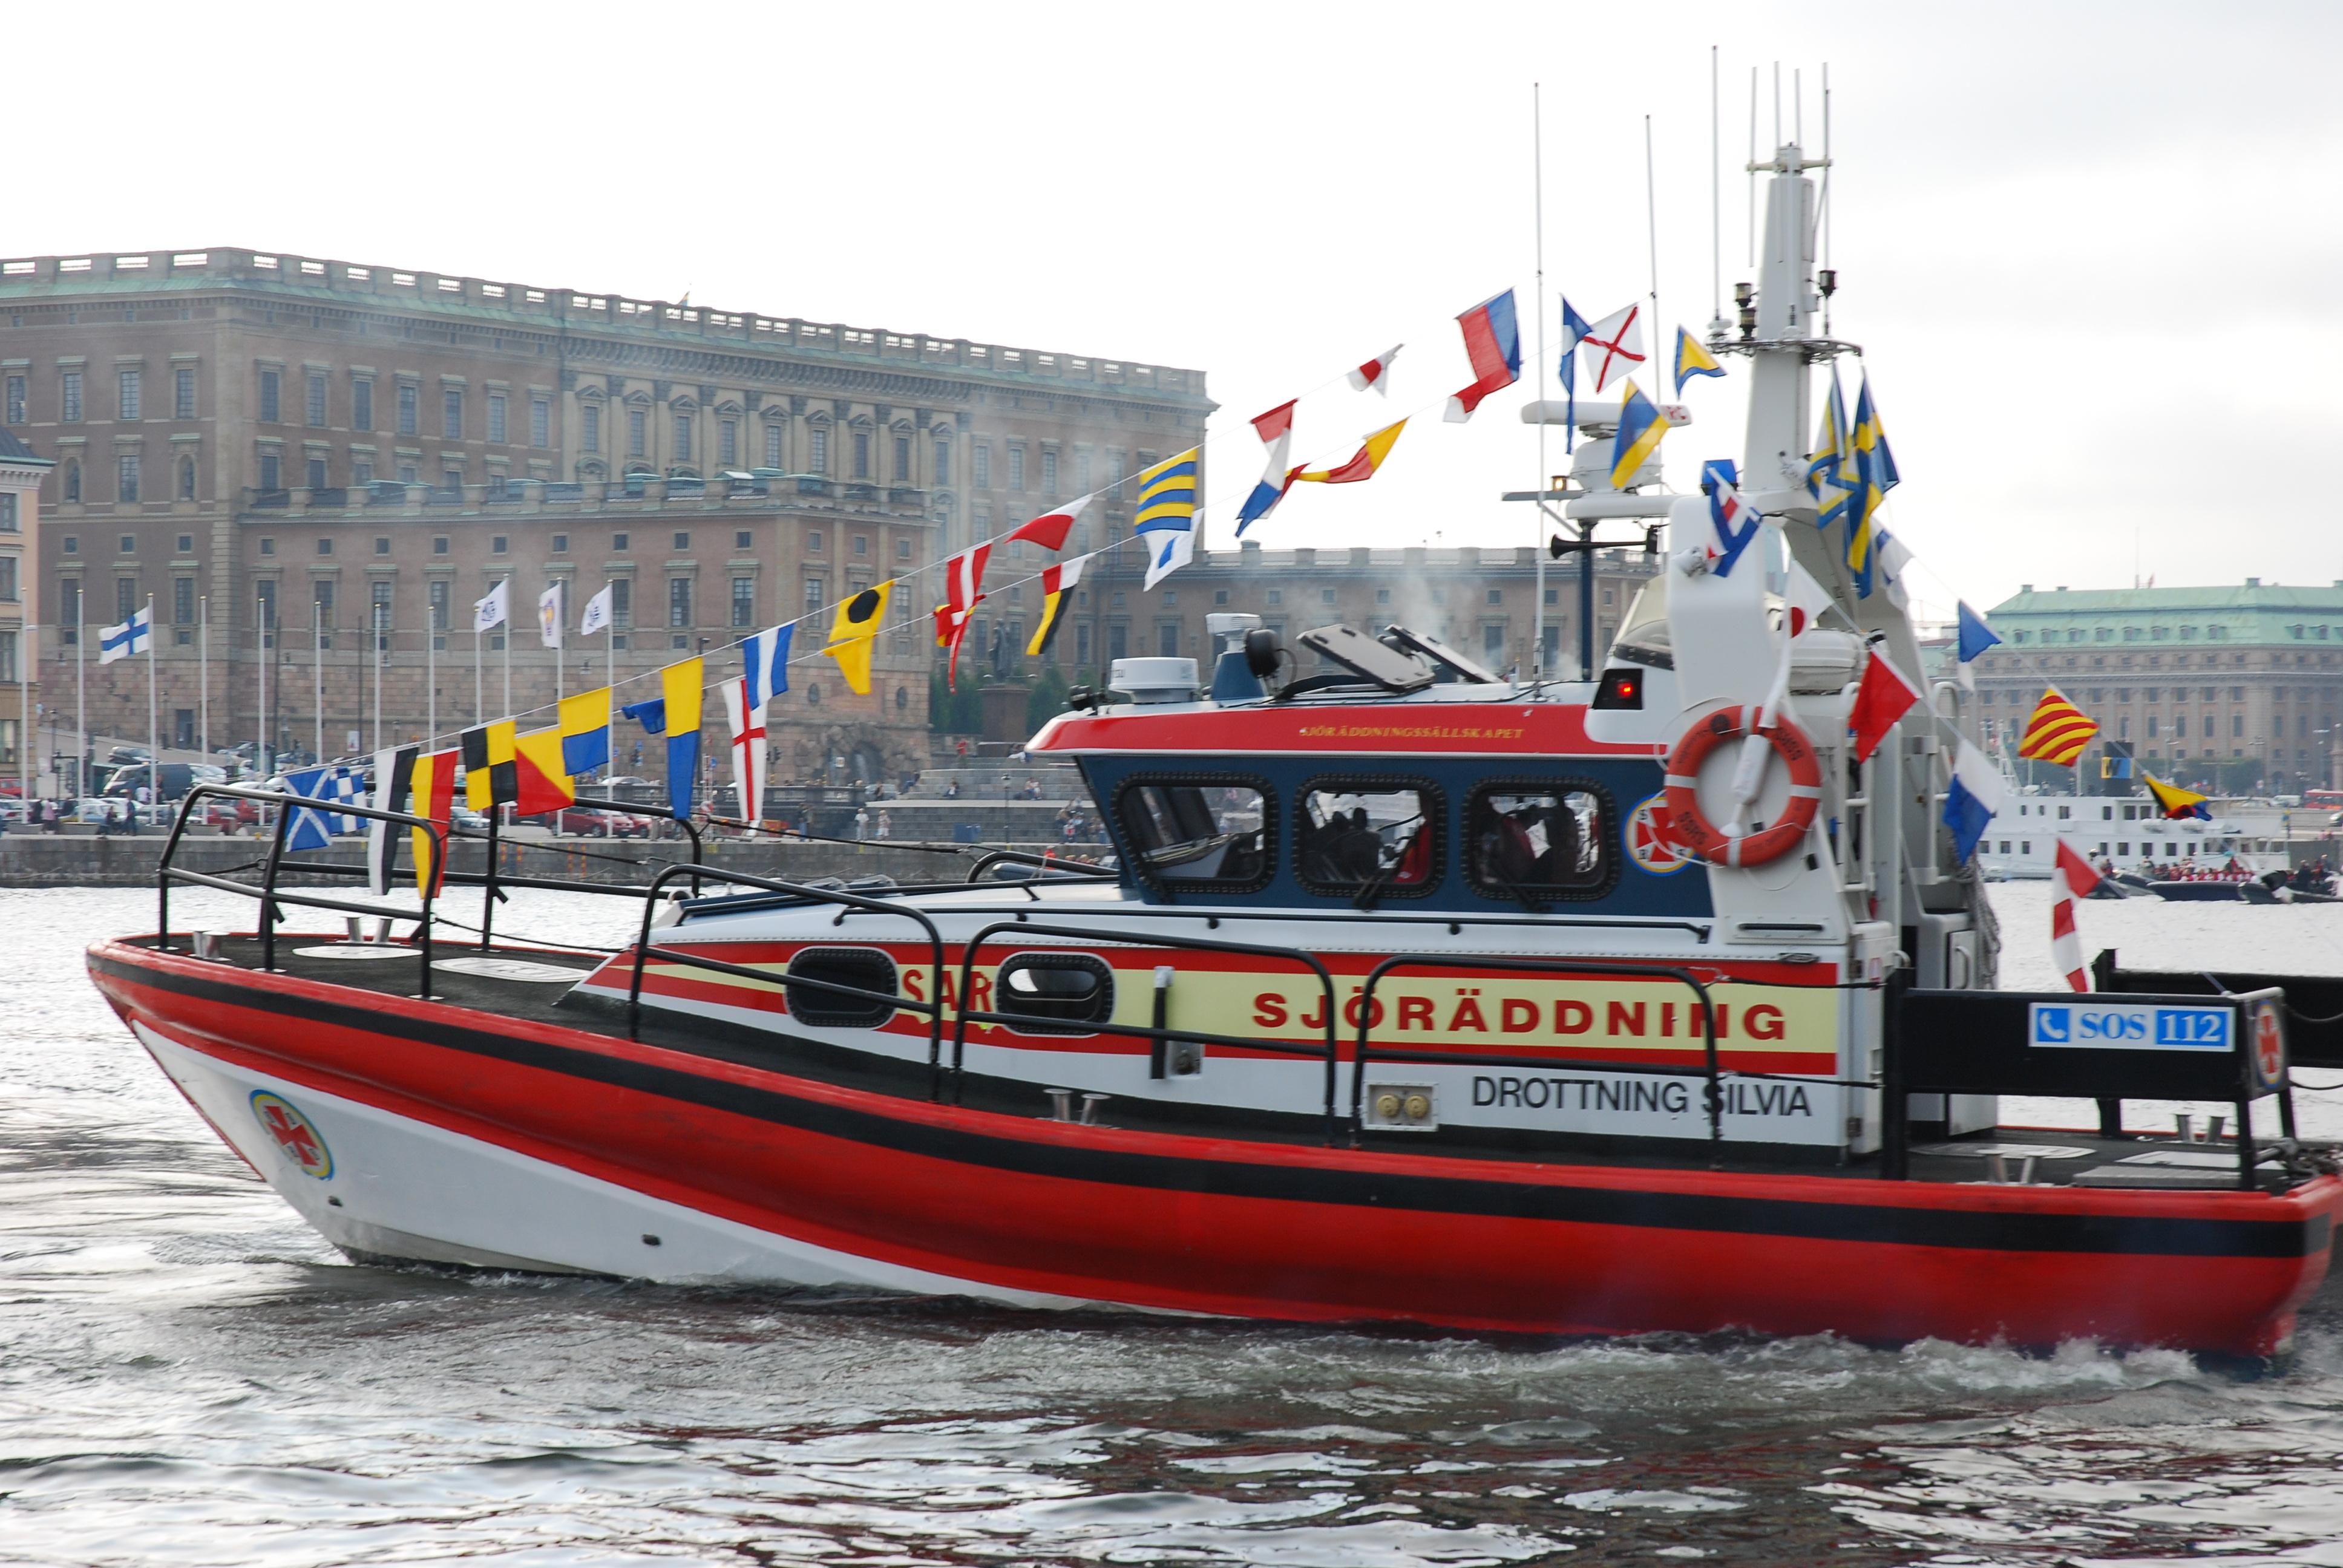 speeddating stockholm Hässleholm